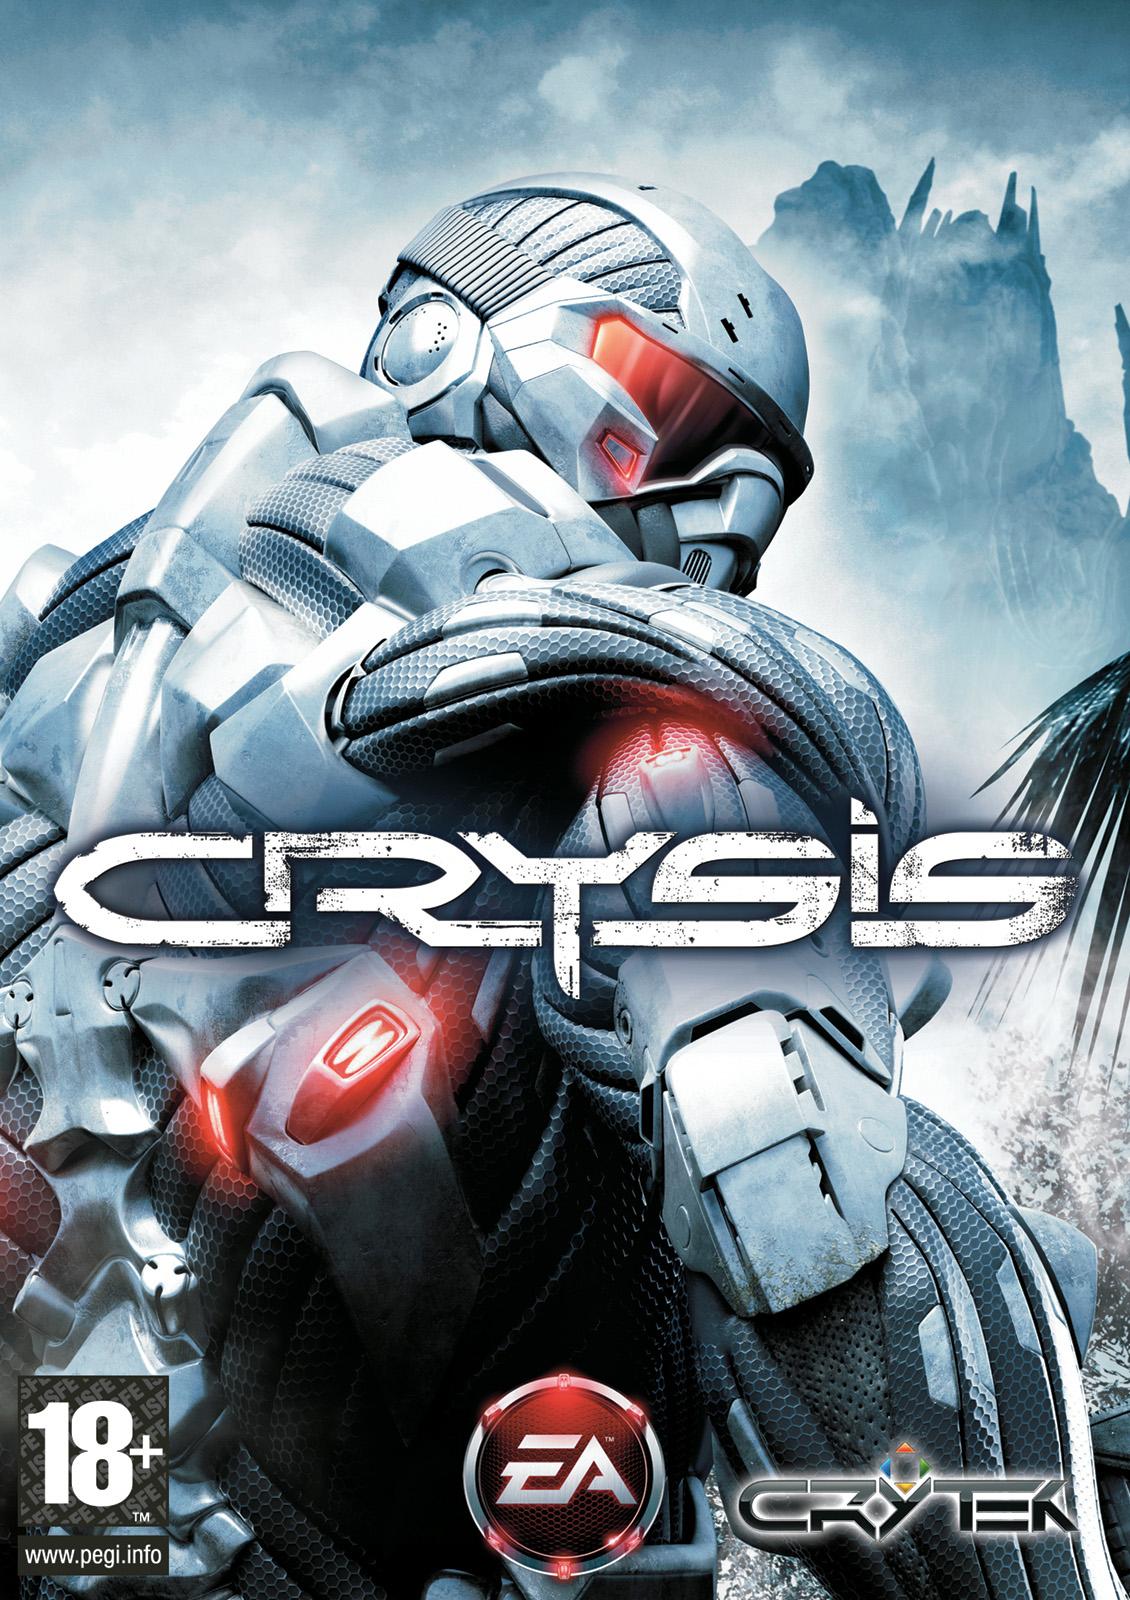 Как Установить Патч Crysis 2